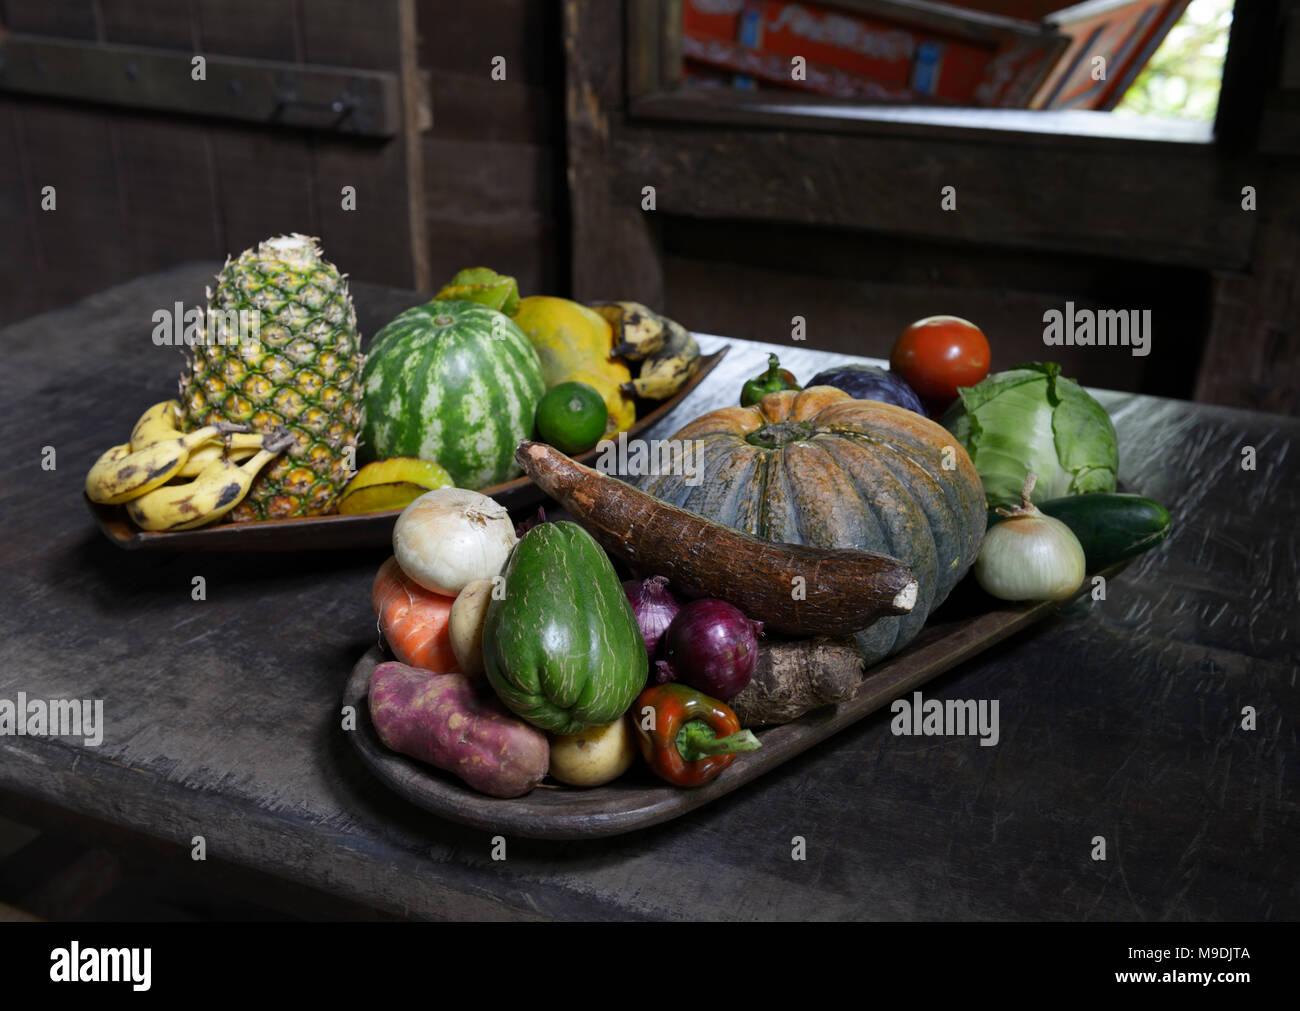 Traditionelle Obst und Gemüse auf einem Tisch in einem Haus, Costa Rica Stockbild